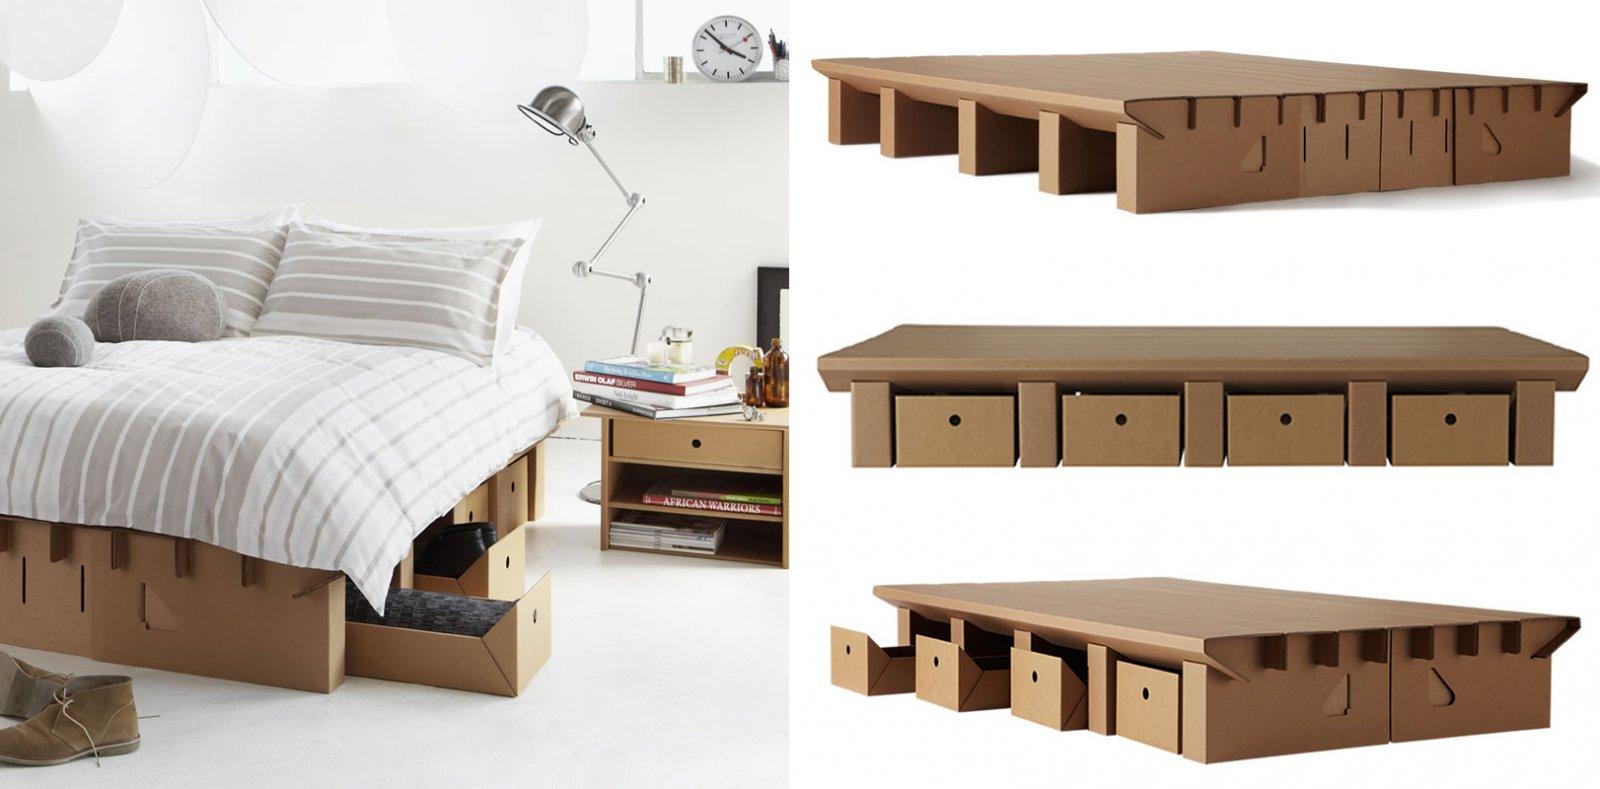 Muebles De Cart N De La Firma Karton Decoraci N Del Hogar  # Muebles De Caeton